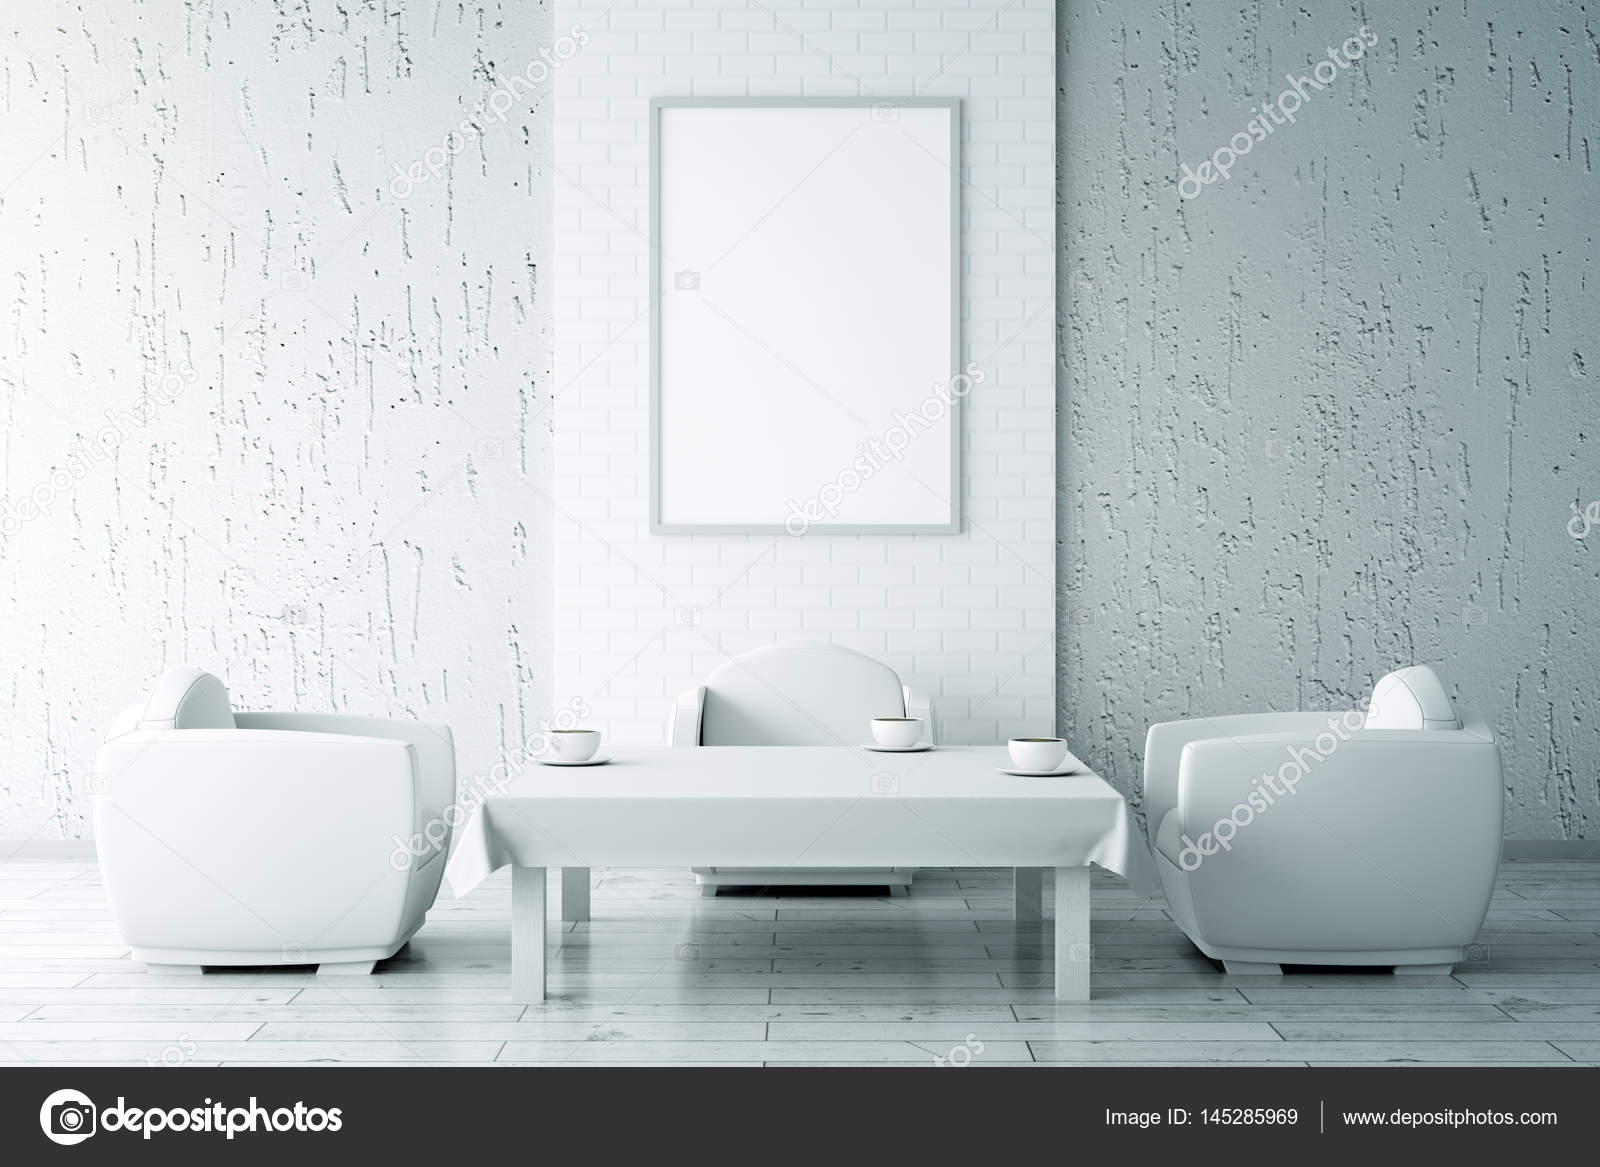 Mesa de centro blanco y el marco en blanco — Foto de stock ...